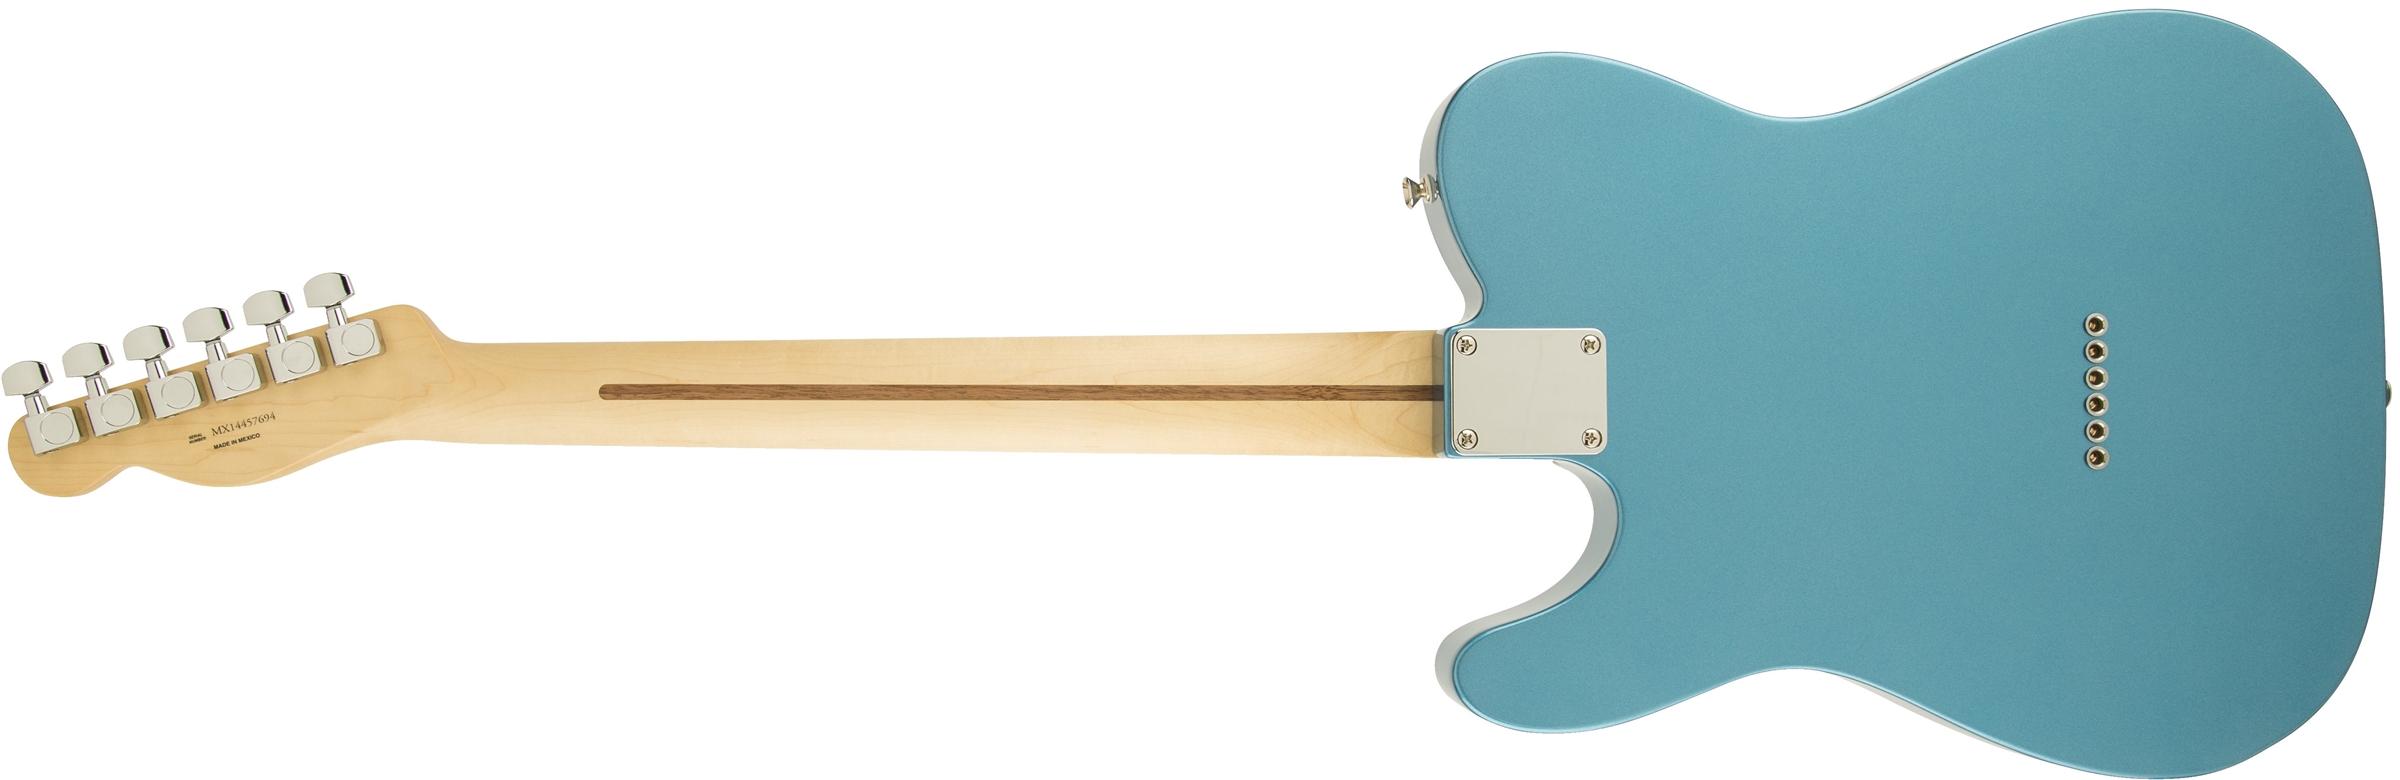 Fender Standard Telecaster 174 Maple Fingerboard Lake